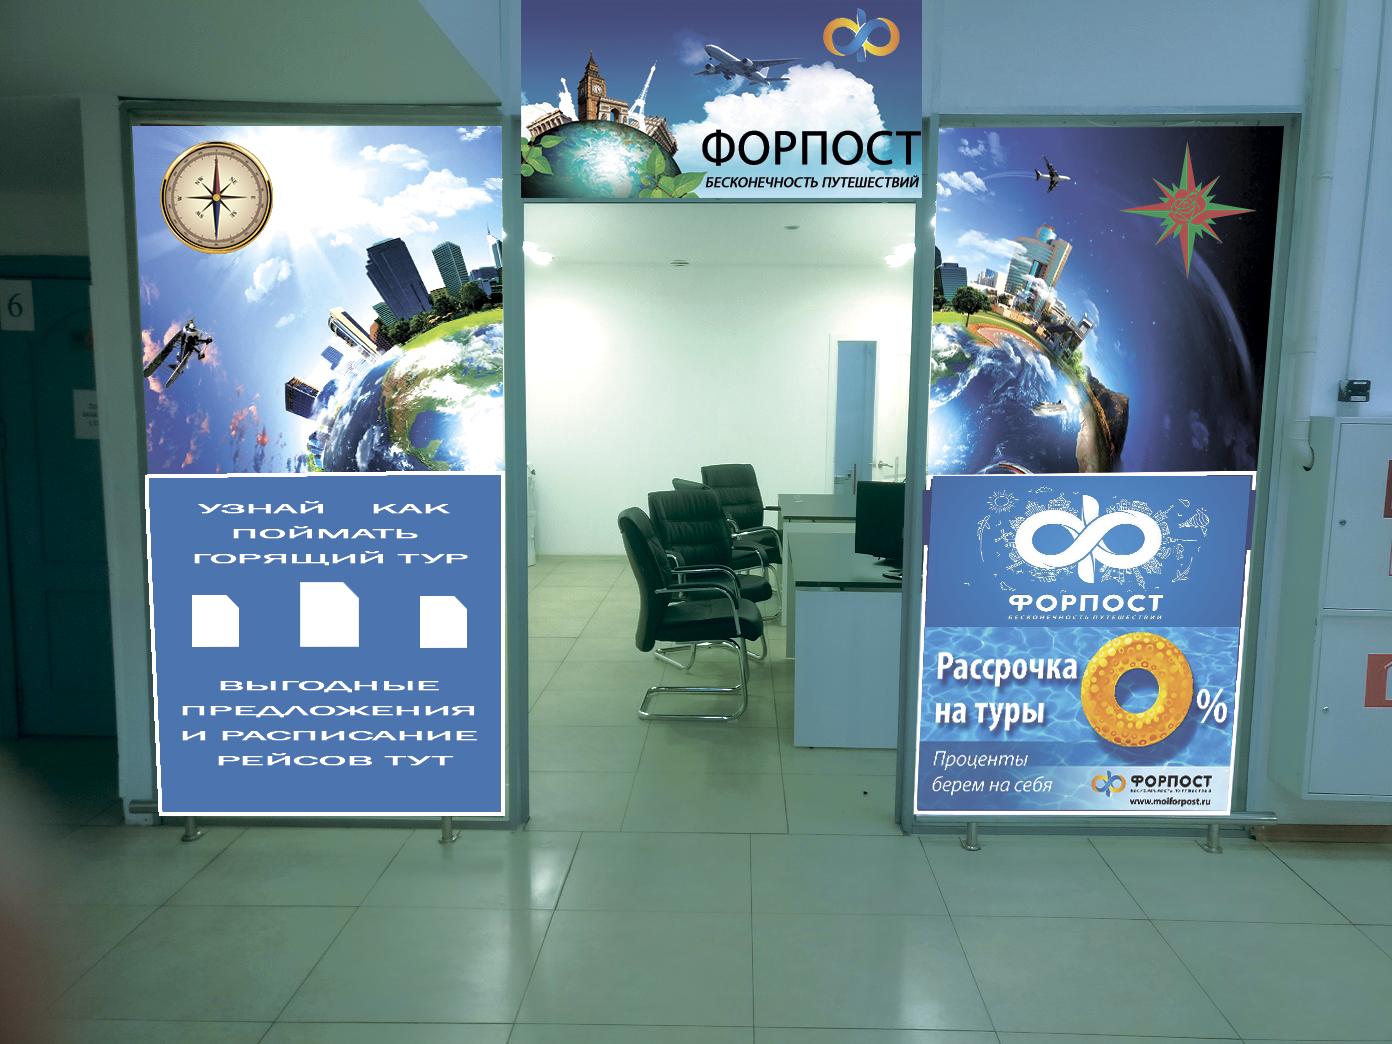 Дизайн двух плакатов фото f_7815a0b063bbf5f0.png